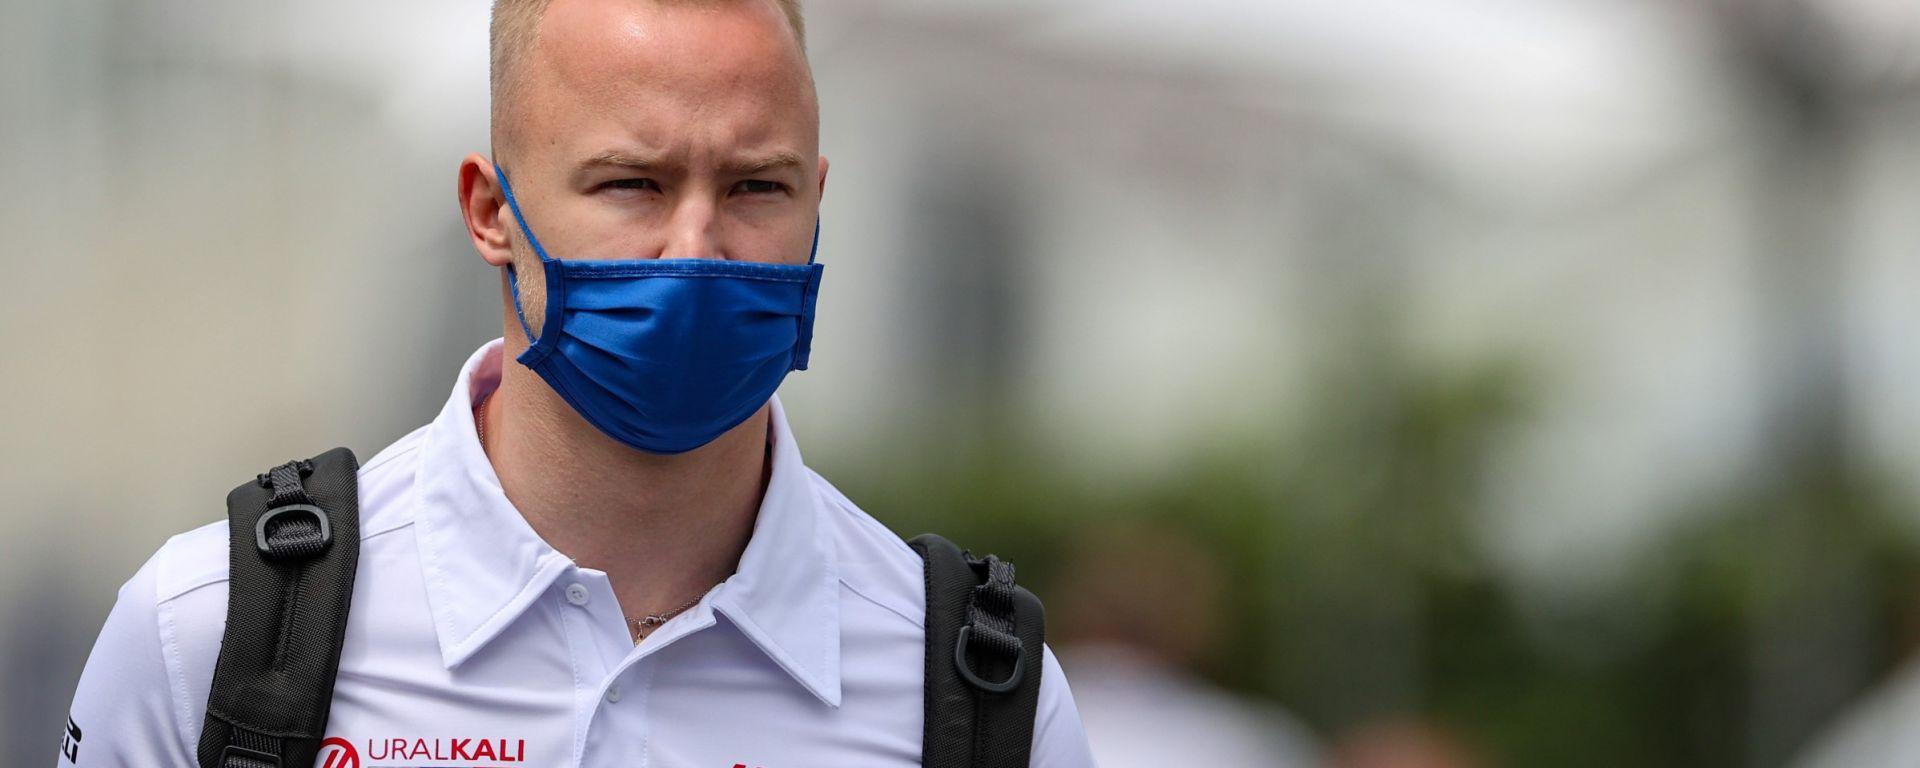 F1 2021: Nikita Mazepin (Haas)